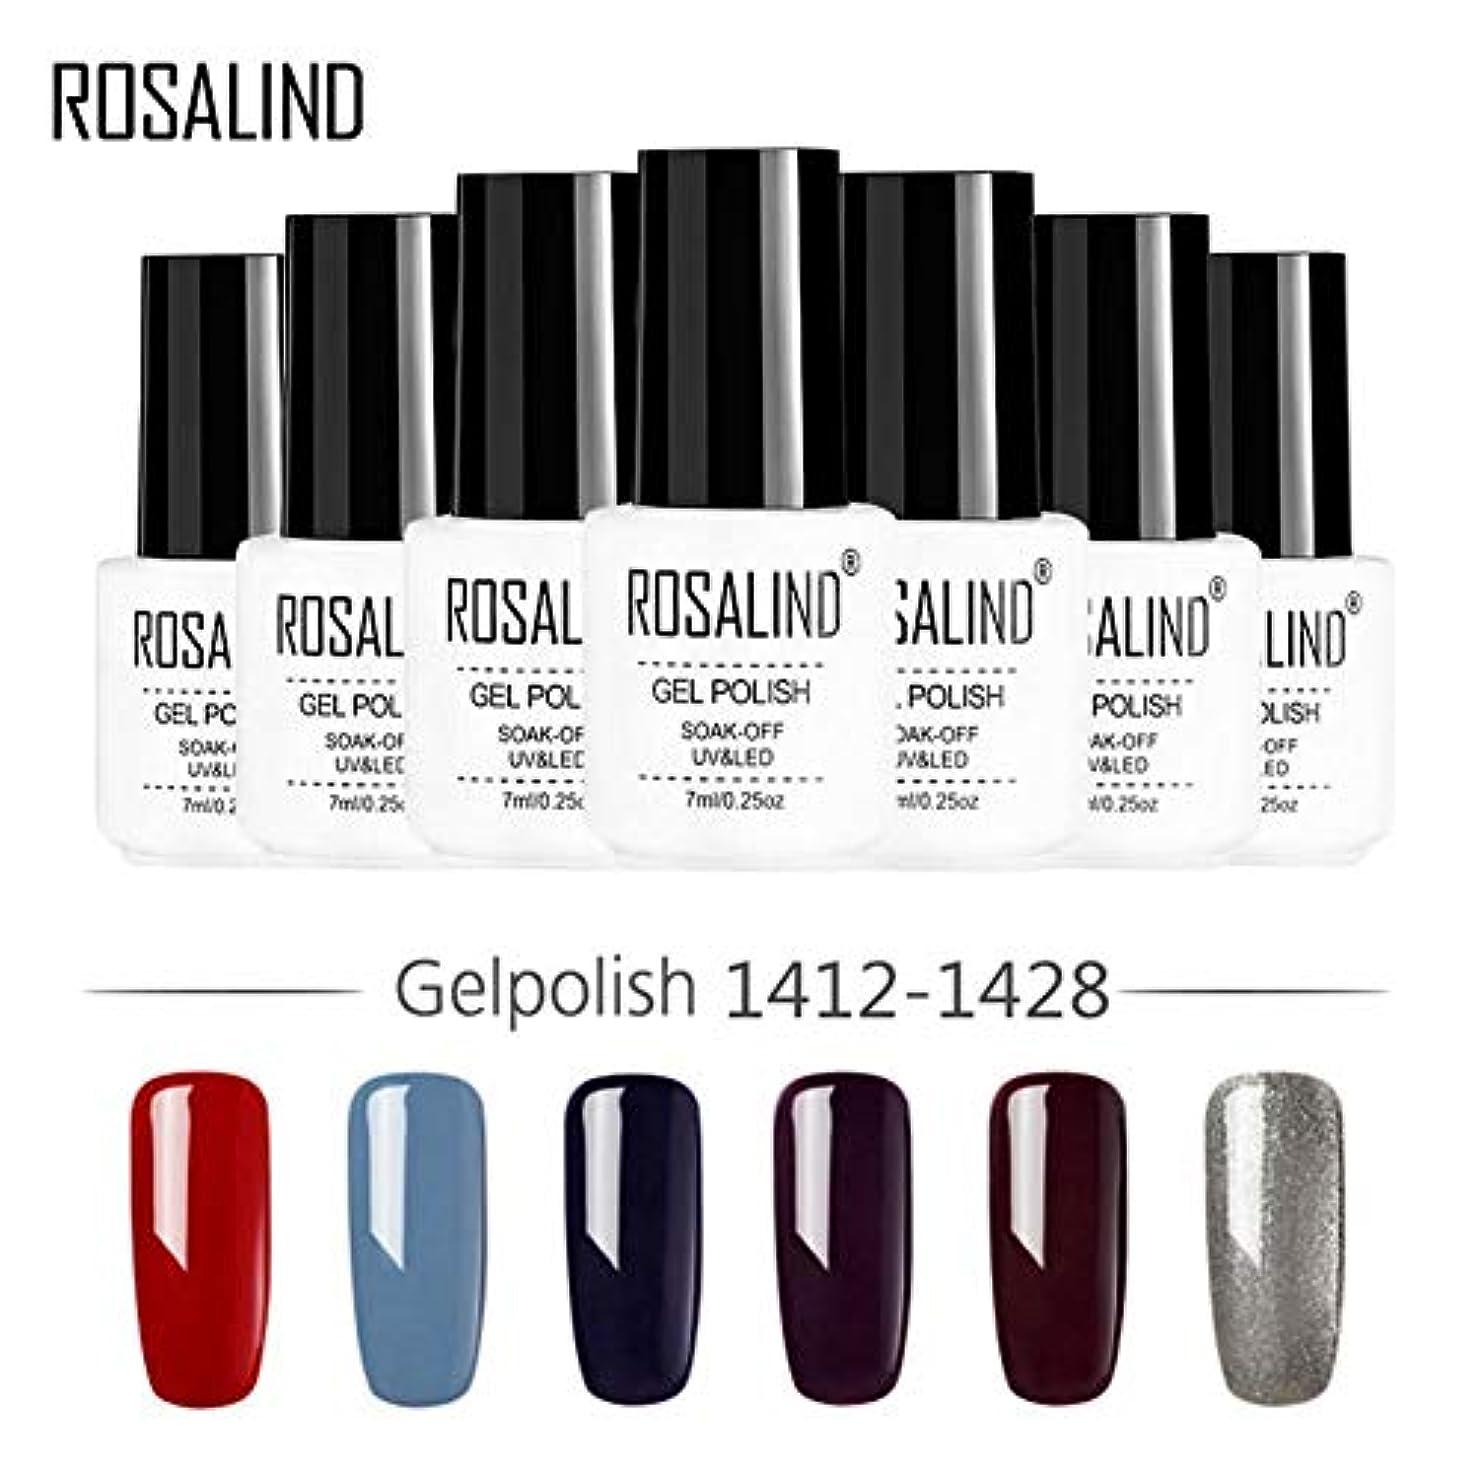 改革大事にする販売計画ネイルUVソリッドカラー、ブラシ先端スピード ブリリアント色のロングラスティングコレ メールスムーズ (RC1417)